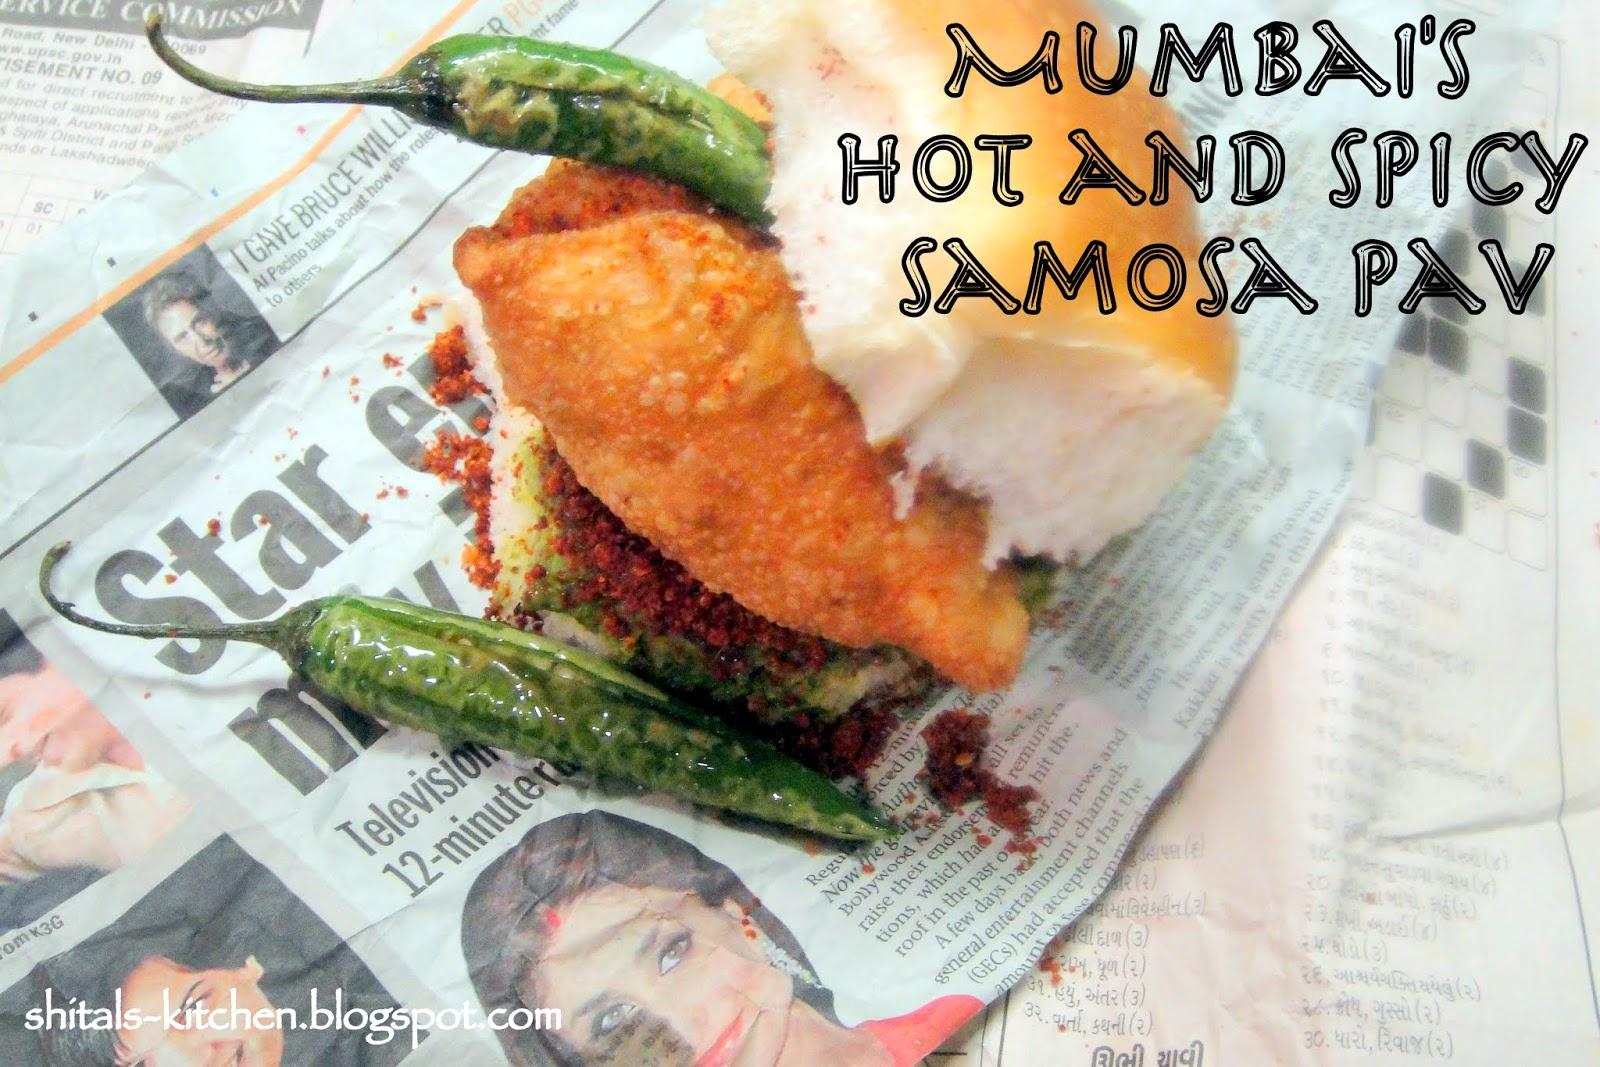 Shital's-Kitchen: Samosa Pav